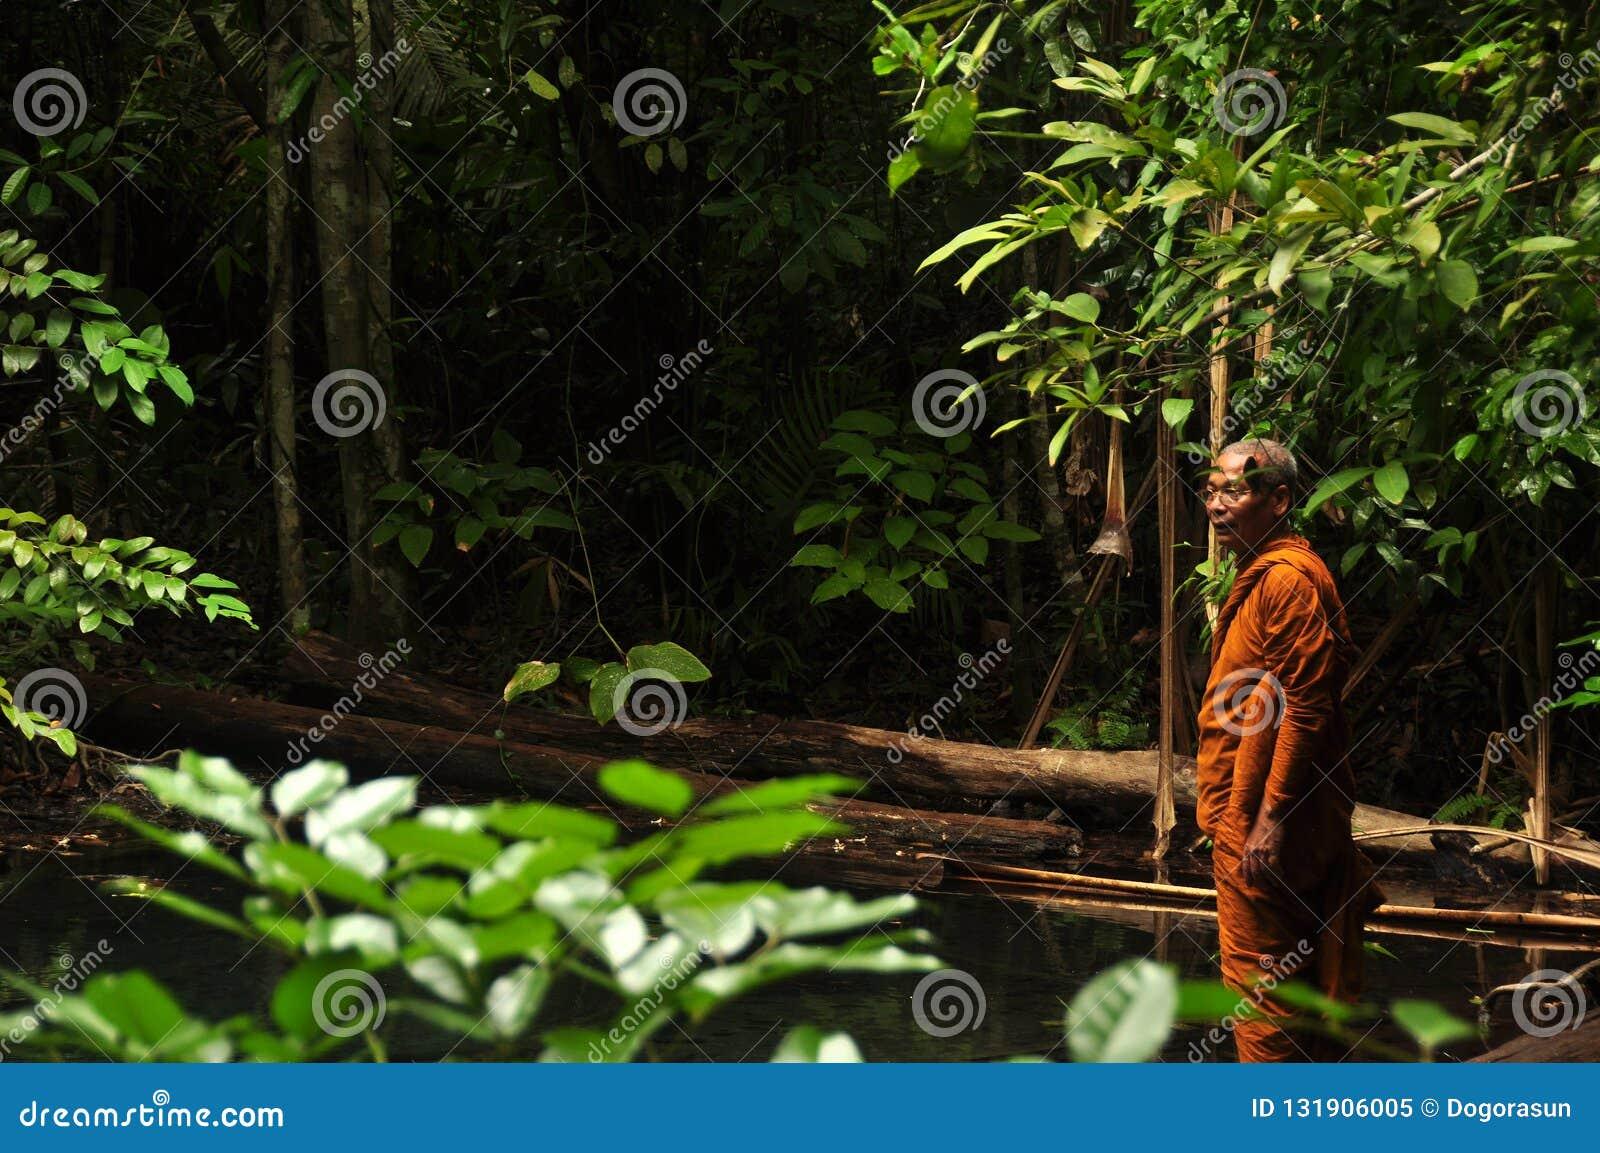 甲米府,泰国- 2014年5月12日:种族修士人在狂放的热带森林,种族亚裔人侧视图橙色长袍身分的